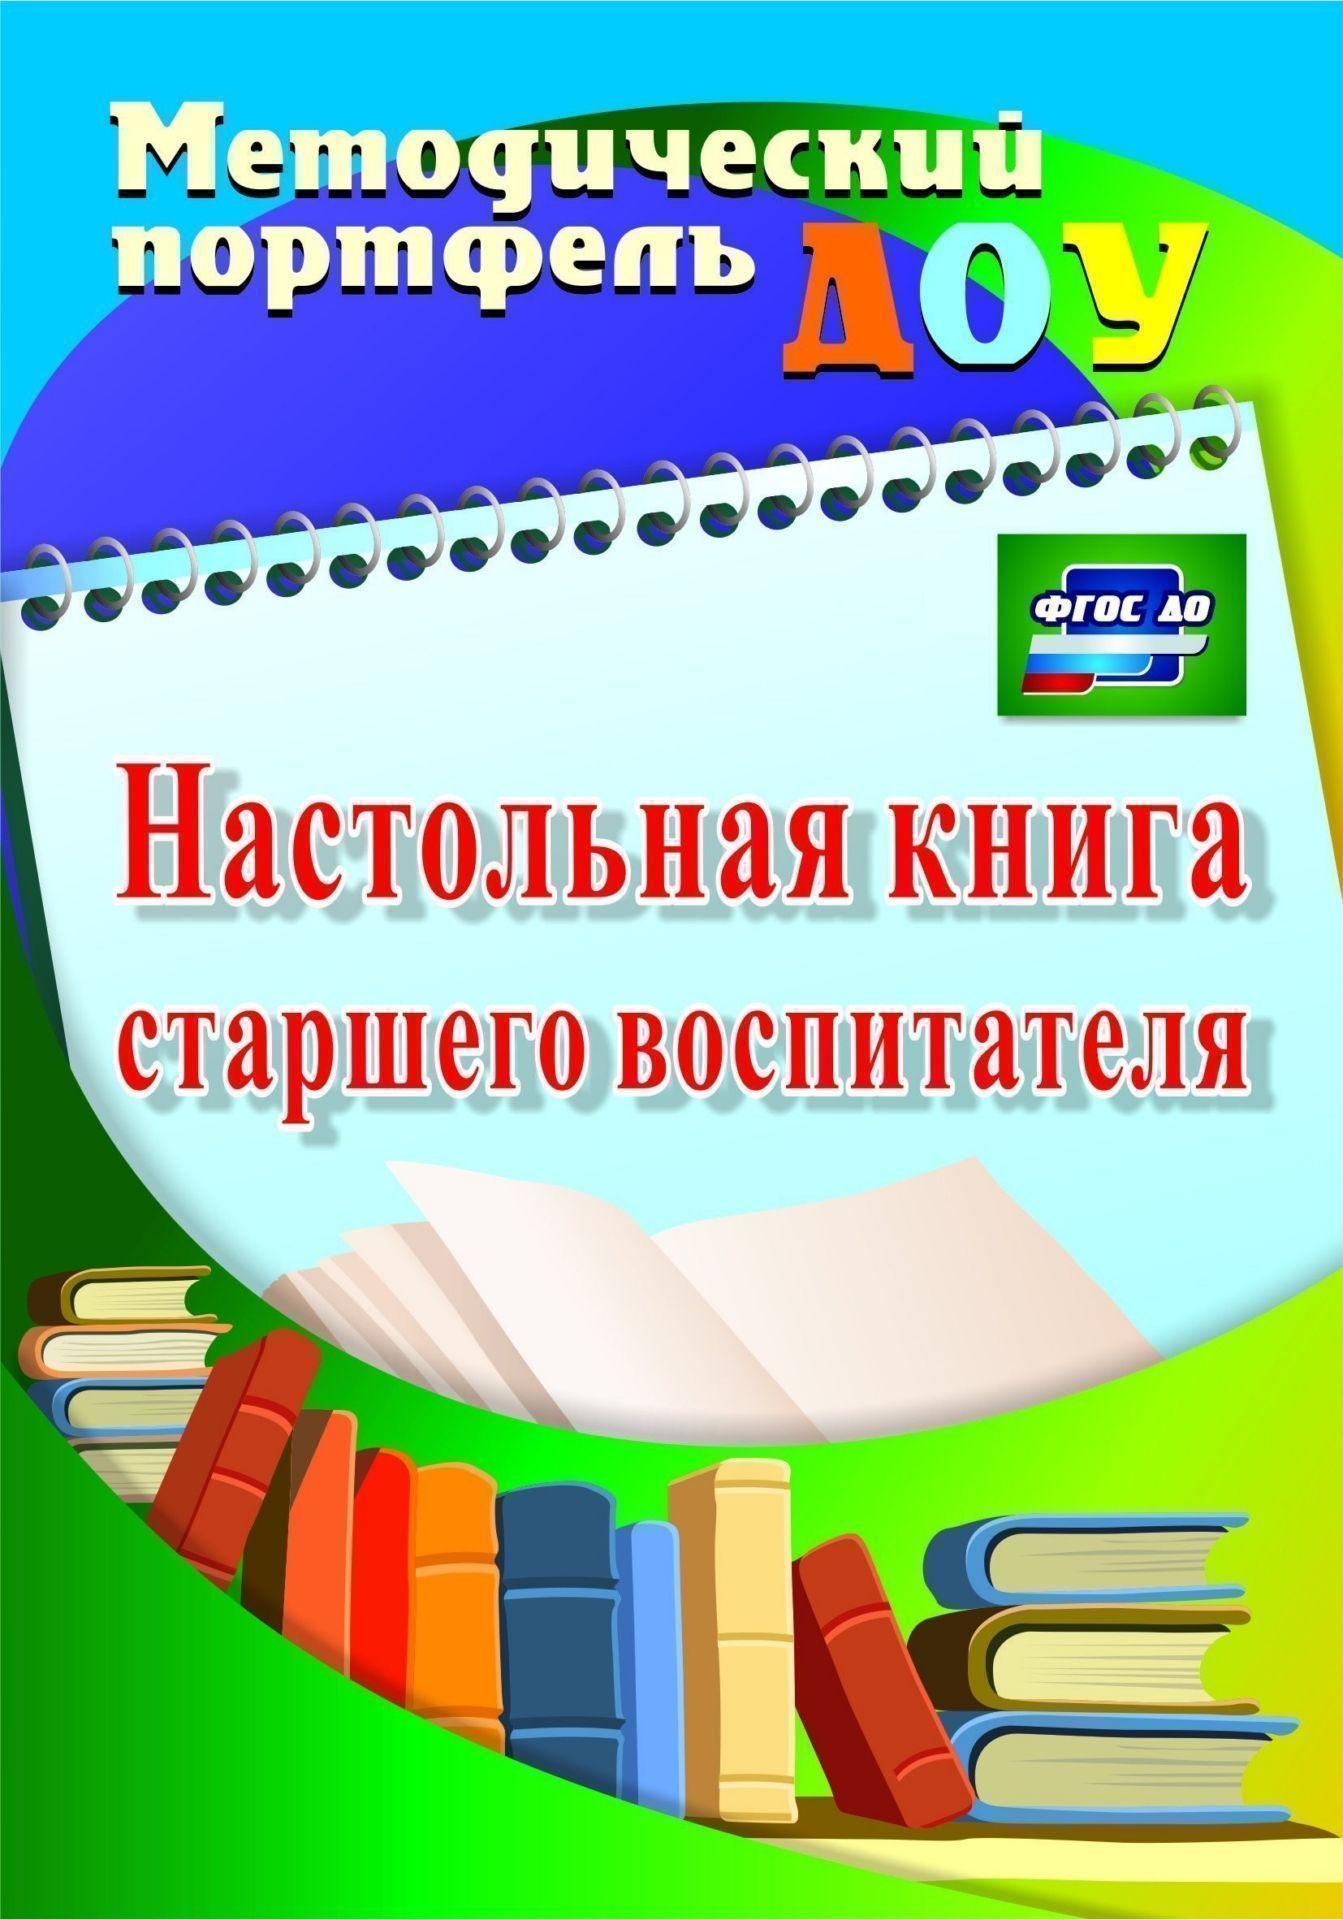 Настольная книга старшего воспитателя. Программа для установки через интернет